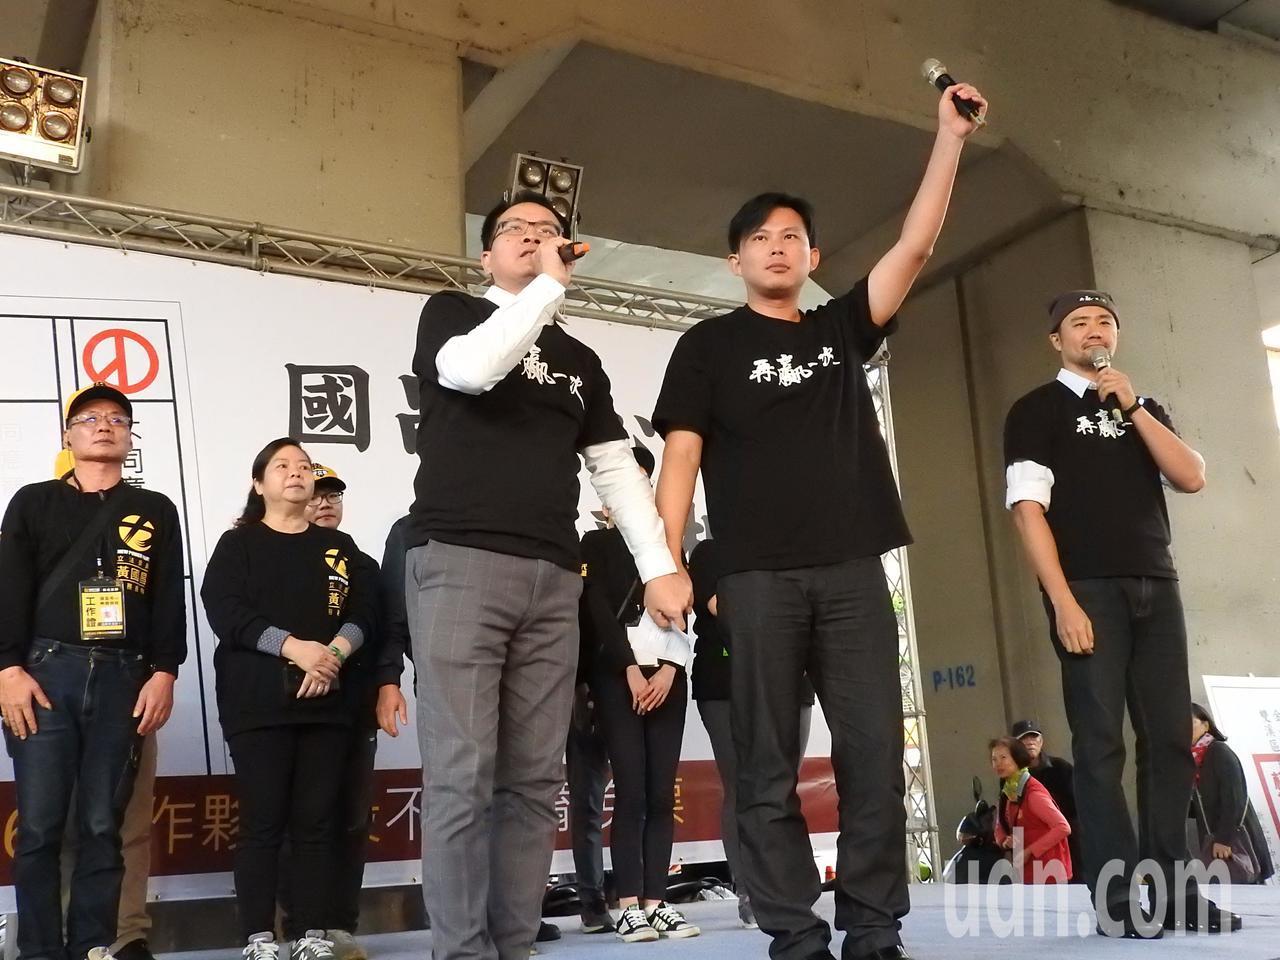 時代力量今在汐止火車站前舉辦造勢活動,聚集約千人到場支持。黃國昌(前右)呼籲,下...